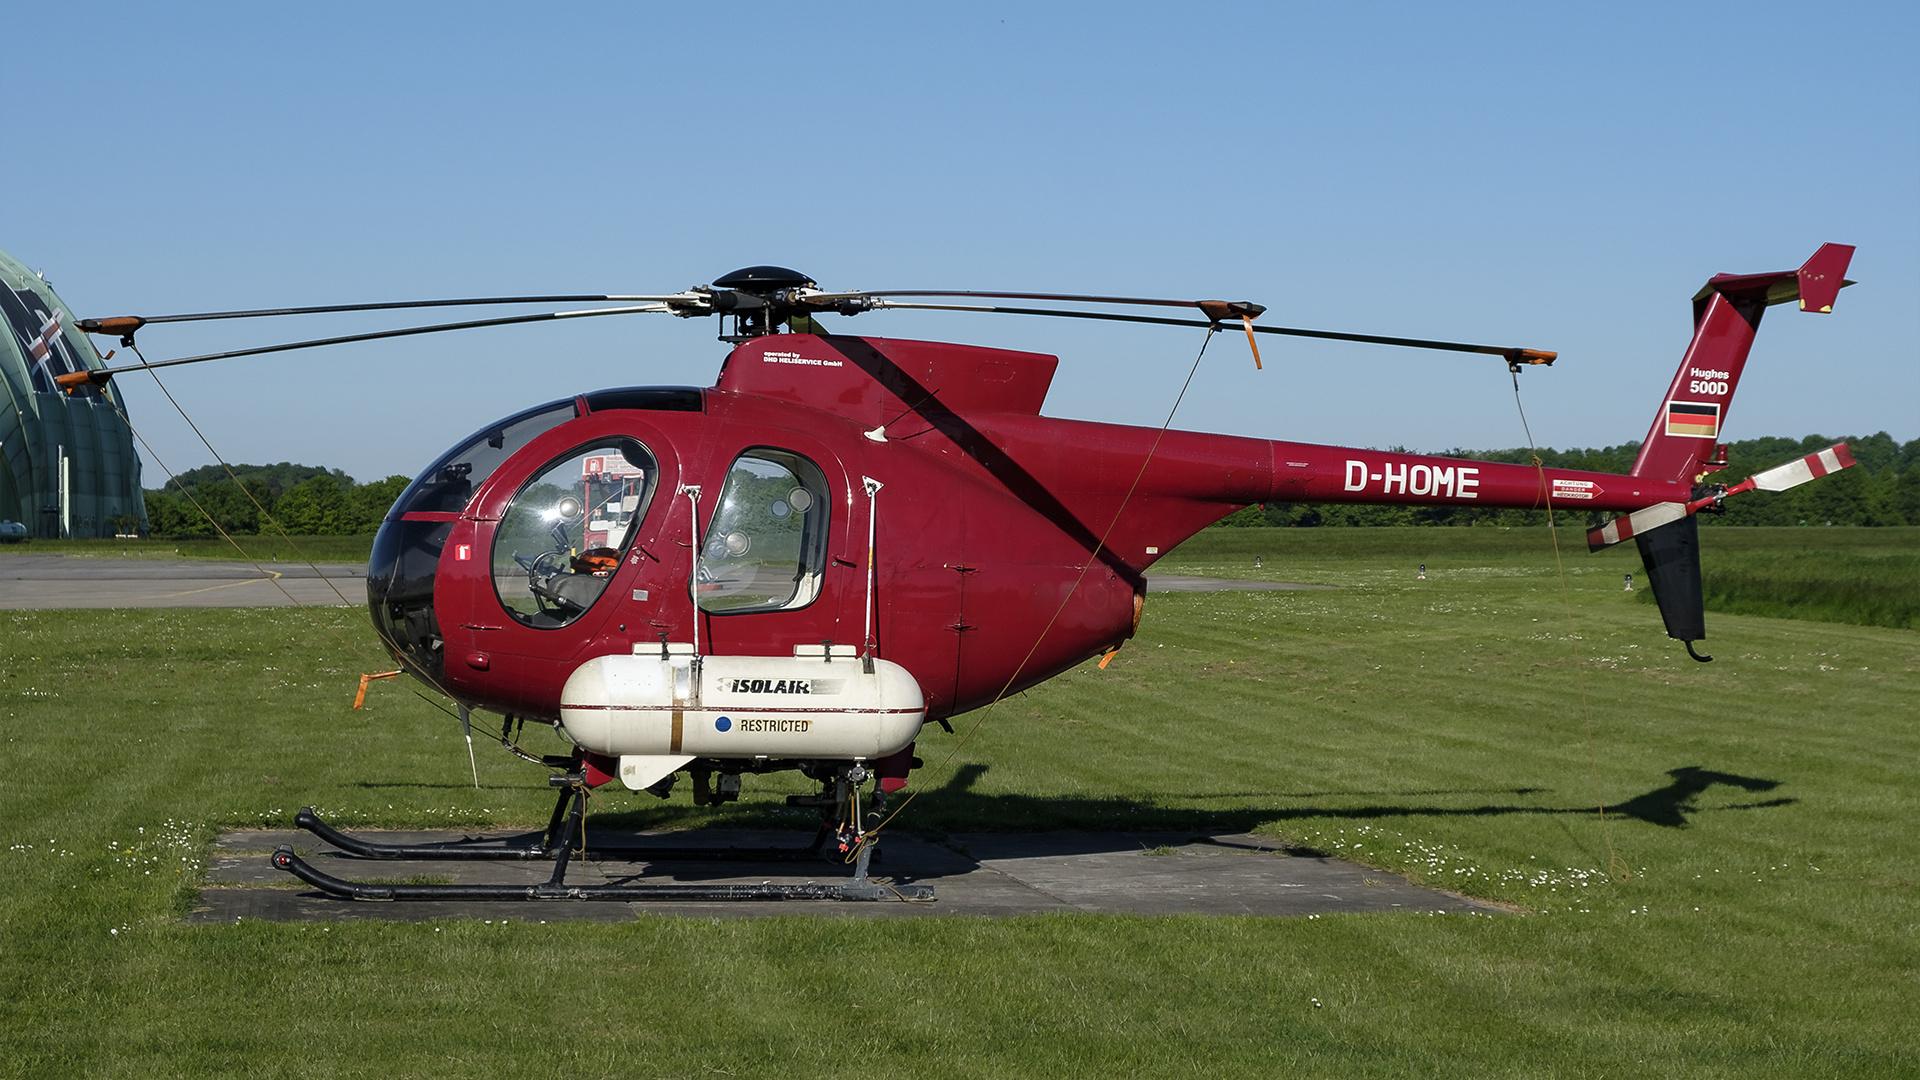 D-HOME-1 H500 ESS 201805